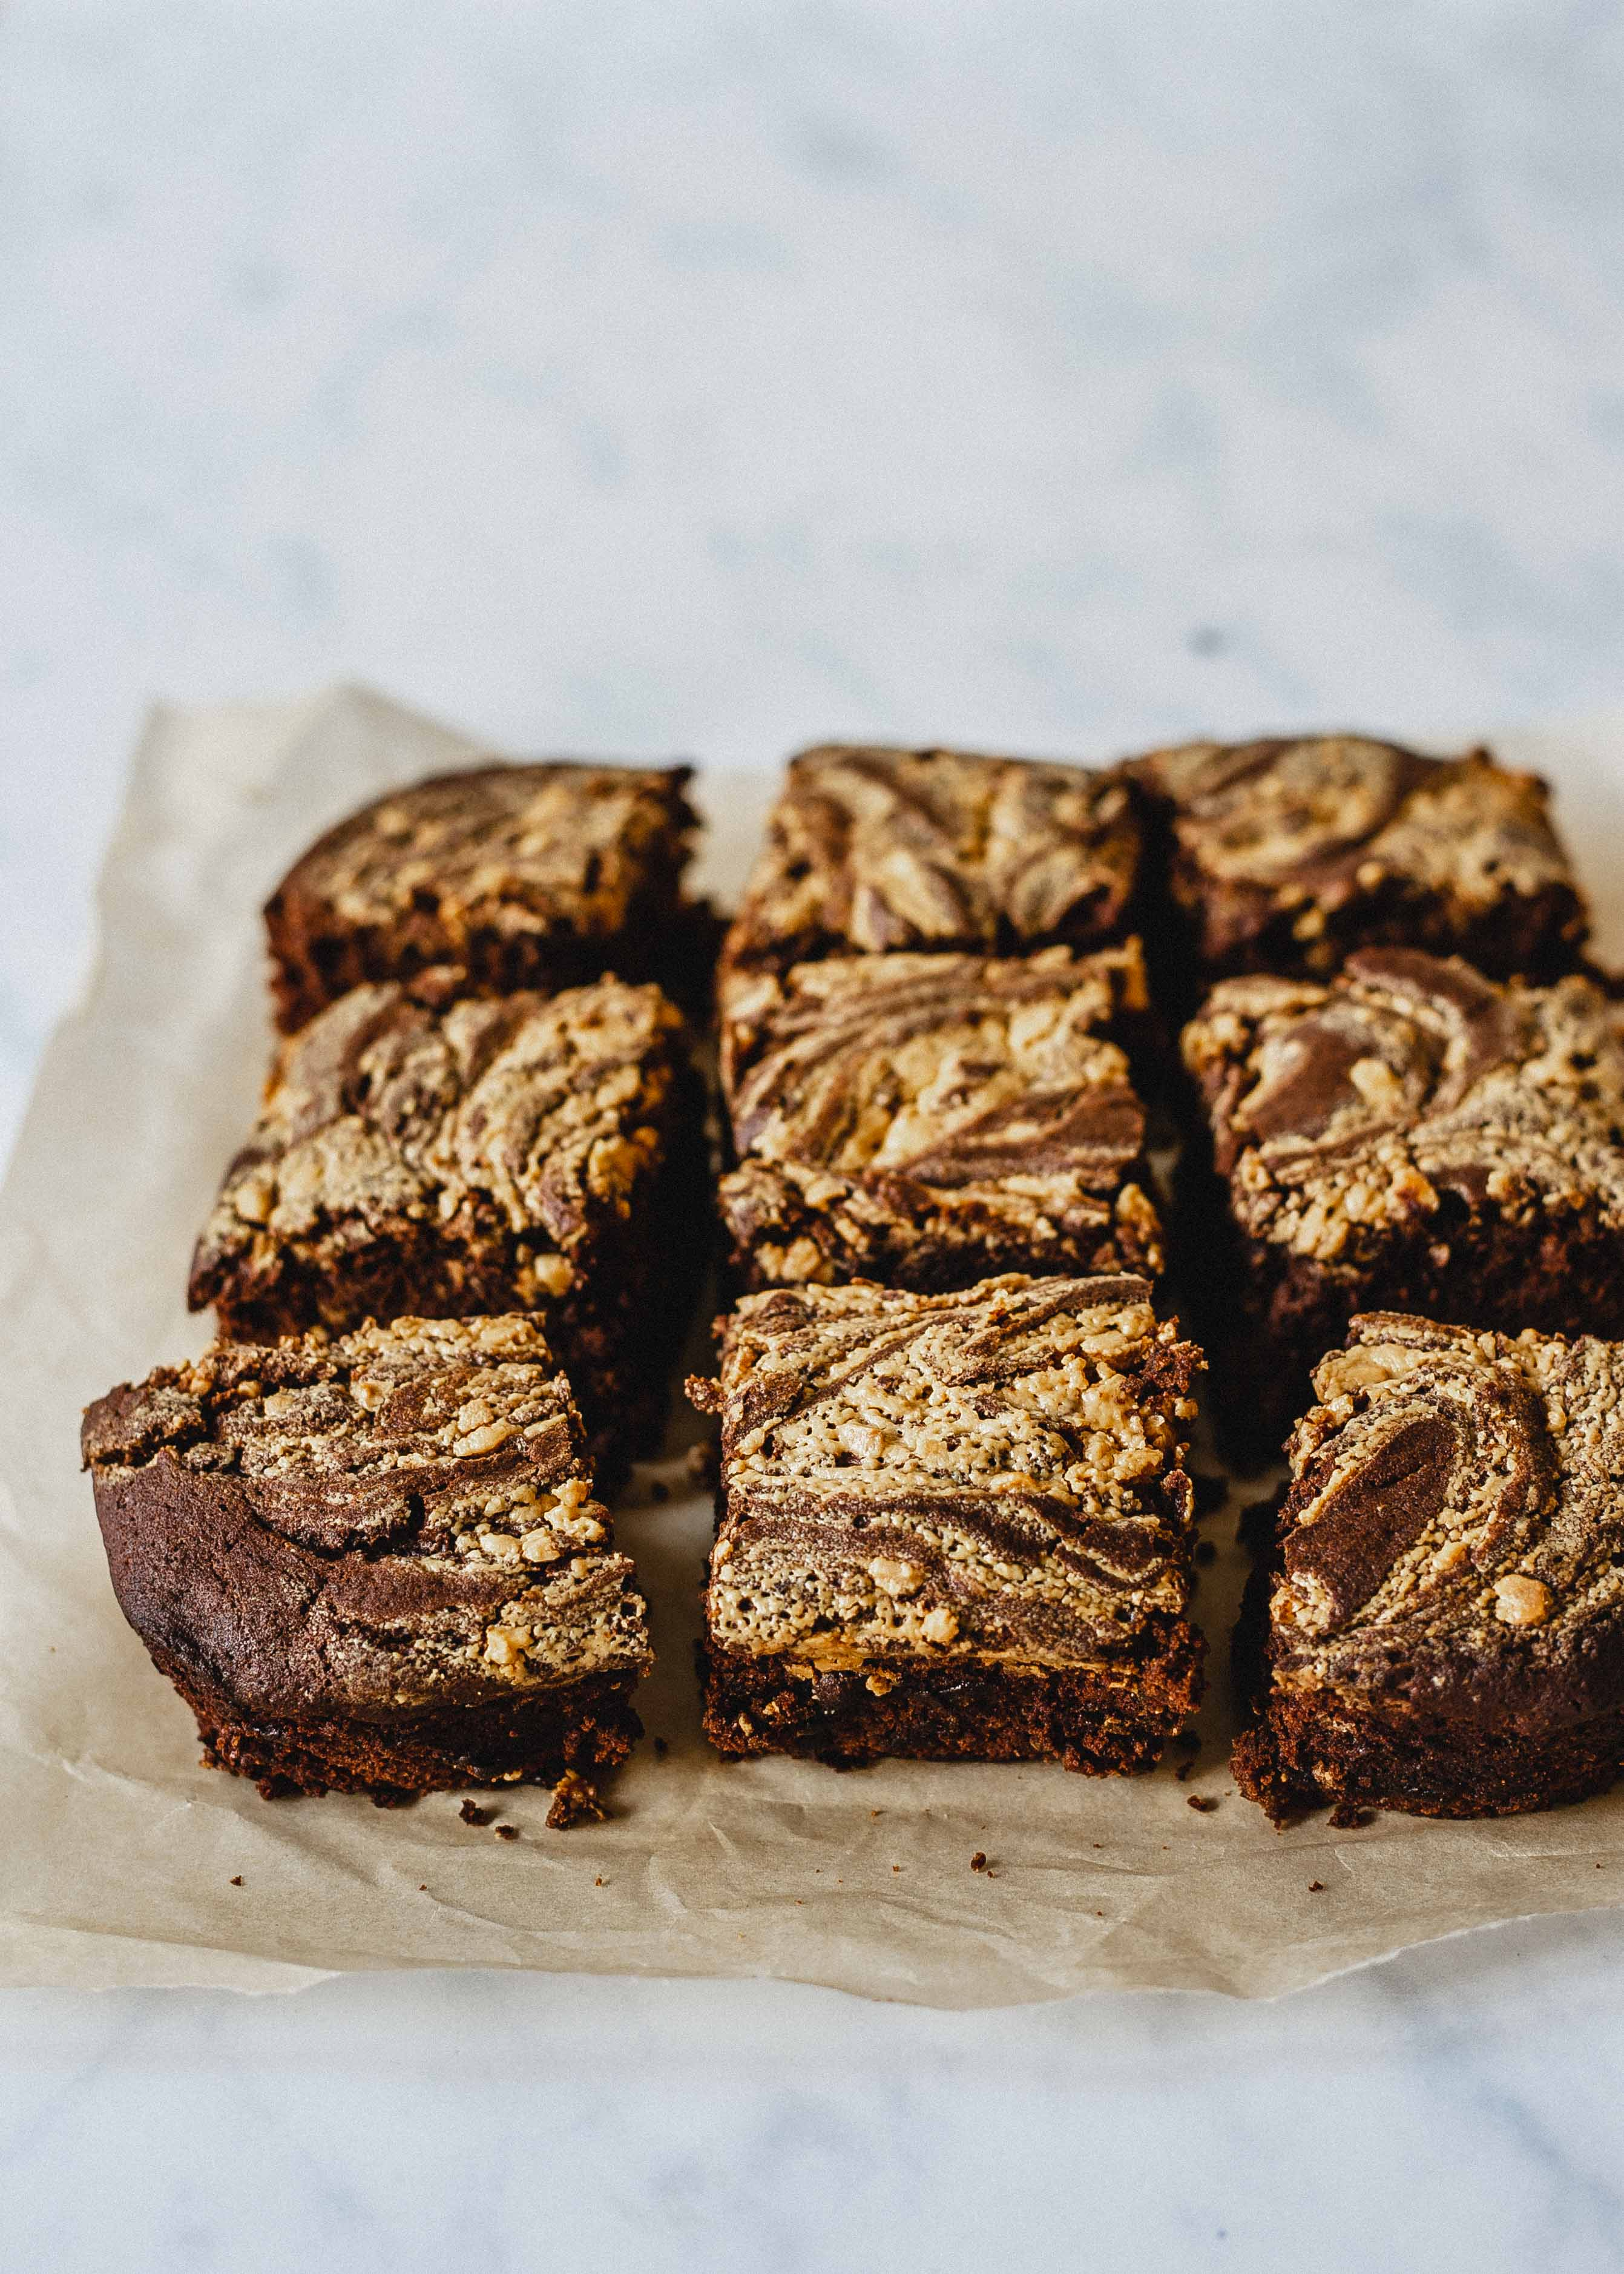 Gluten free Low FODMAP peanut butter brownies